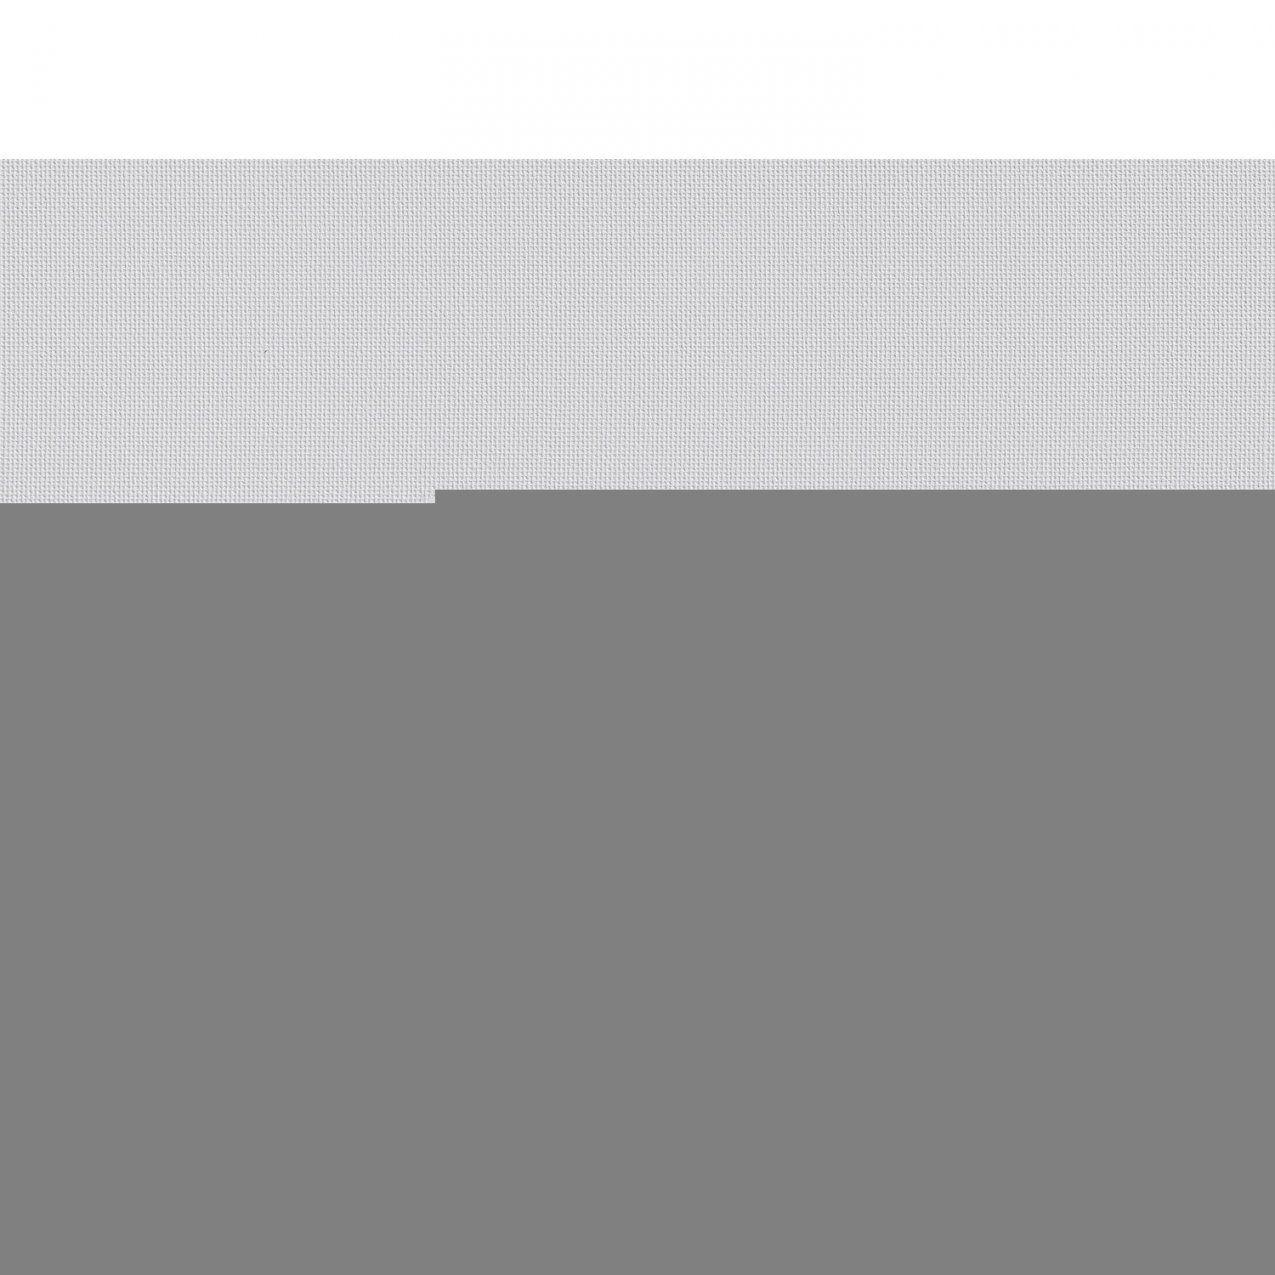 Überstreichbare Tapete Online Kaufen Bei Obi von Vliestapete Weiß Mit Struktur Bild